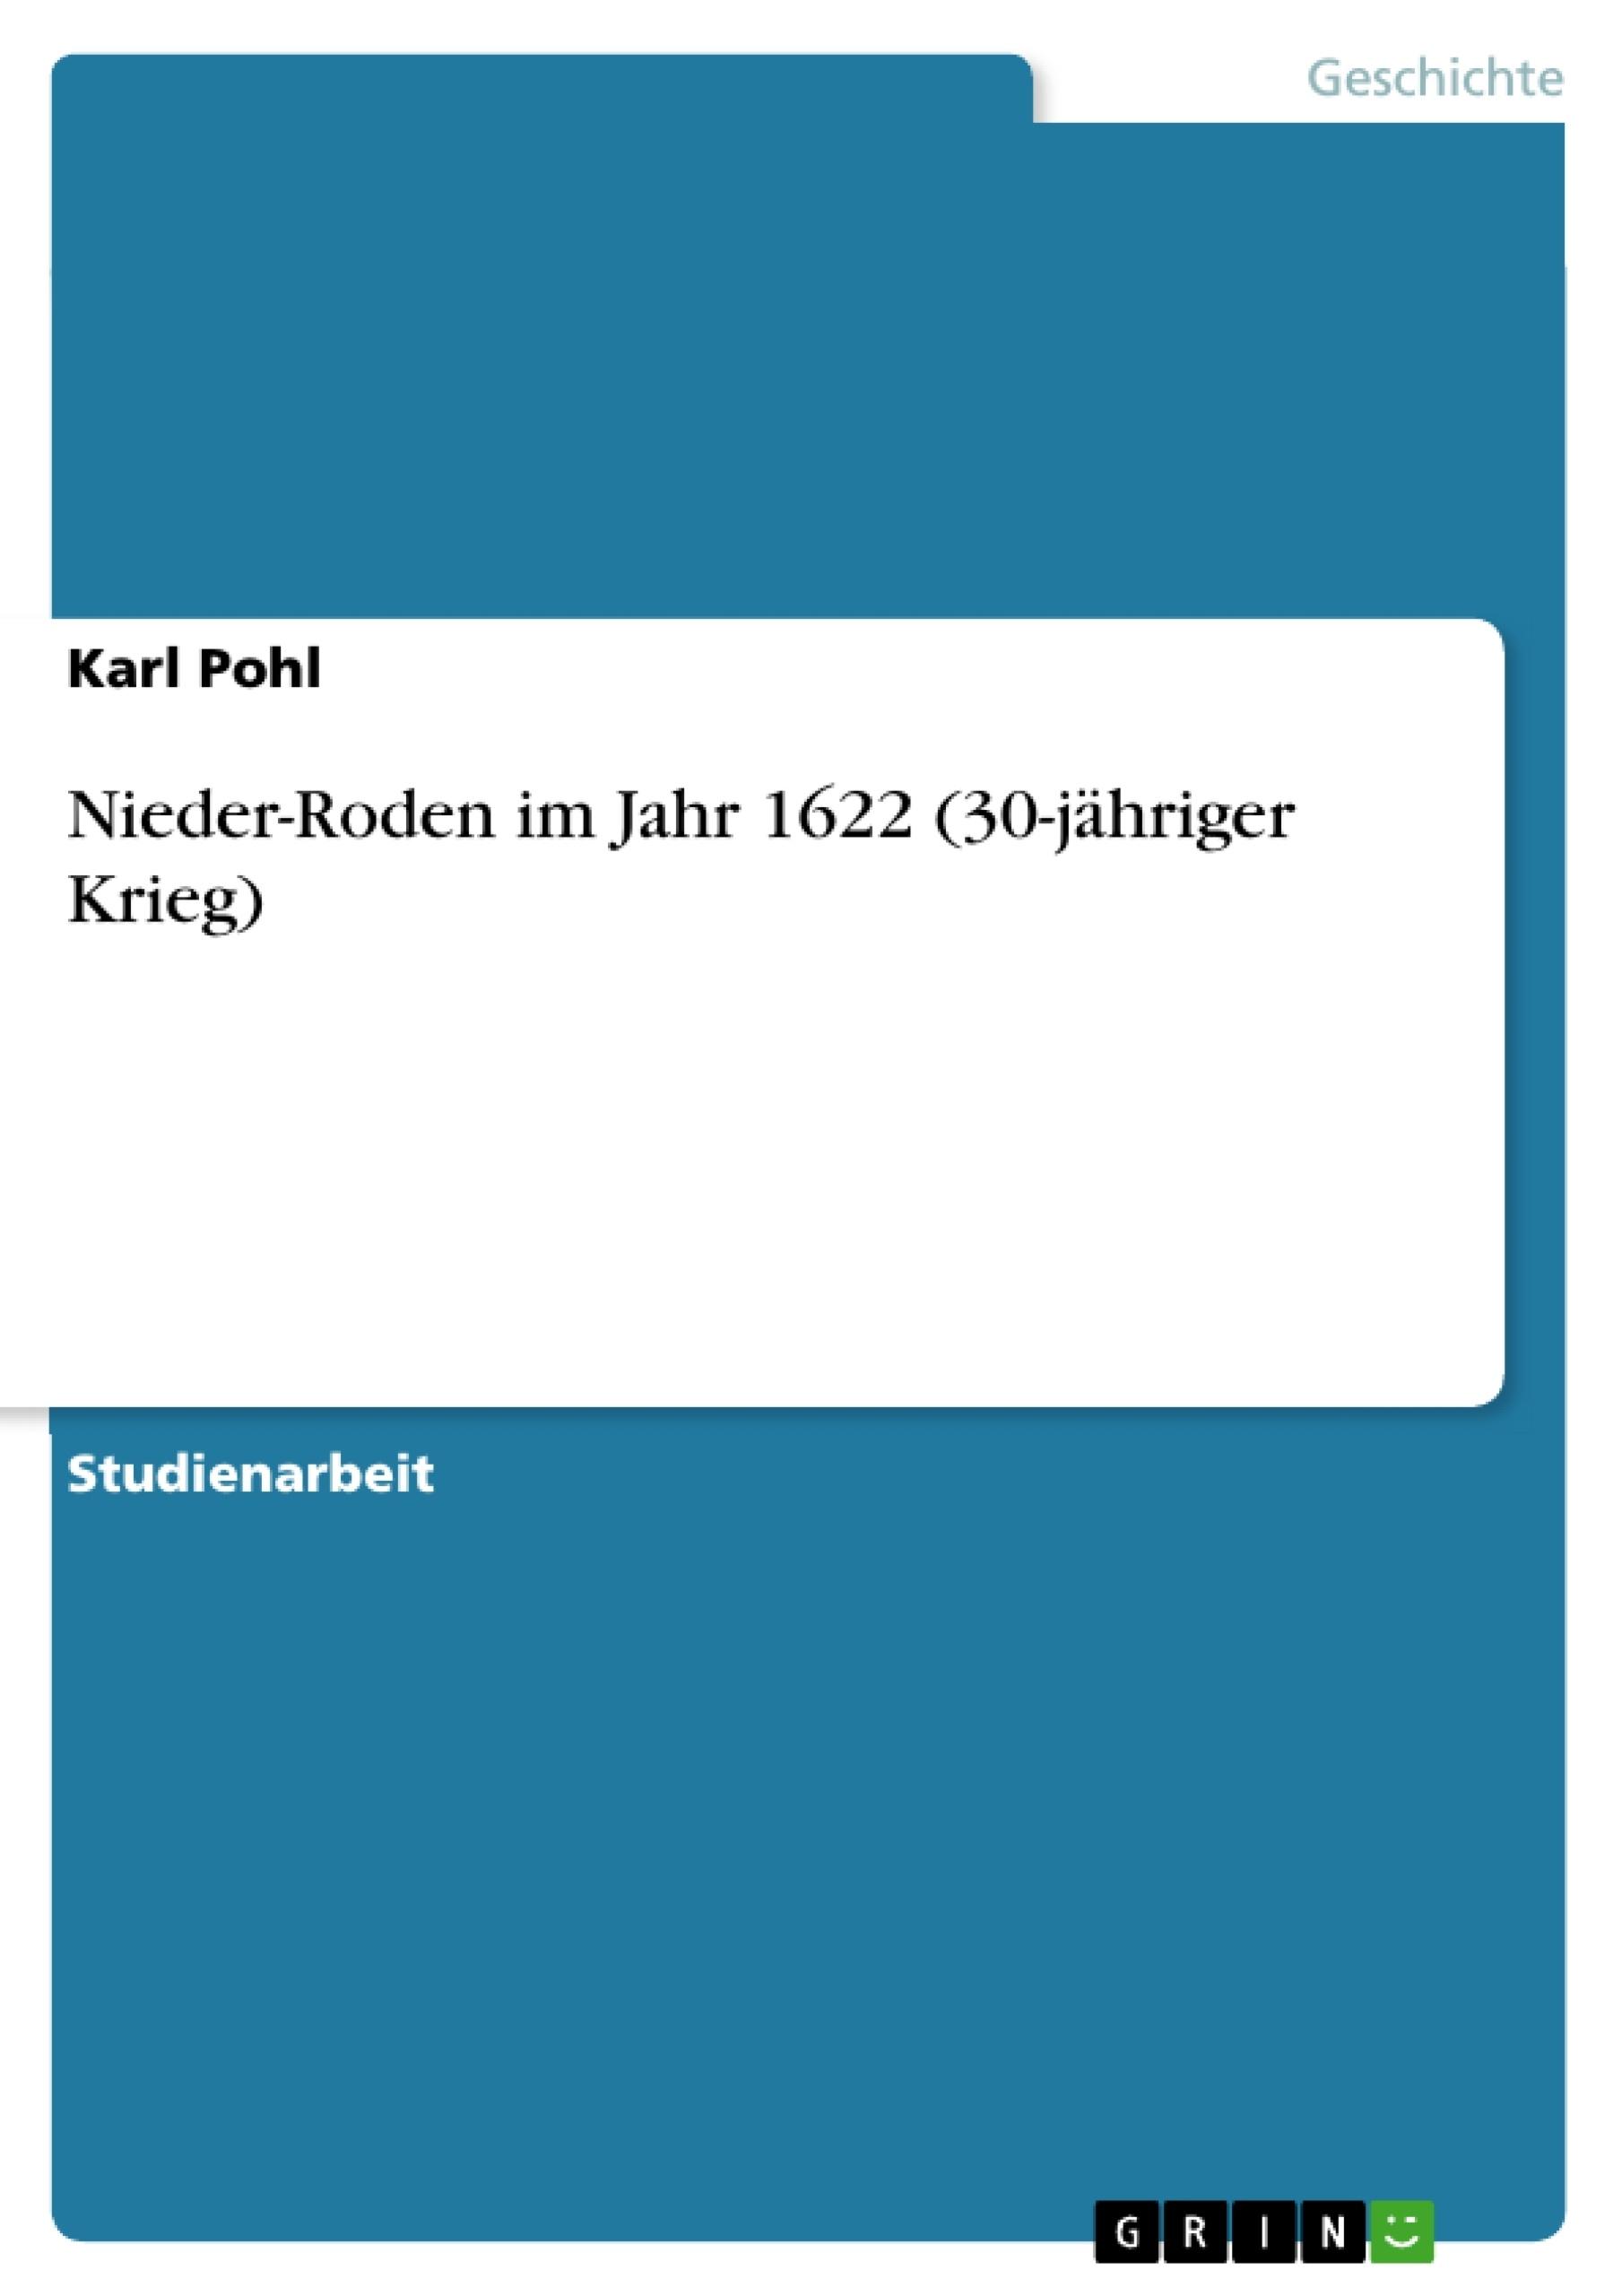 Titel: Nieder-Roden im Jahr 1622 (30-jähriger Krieg)